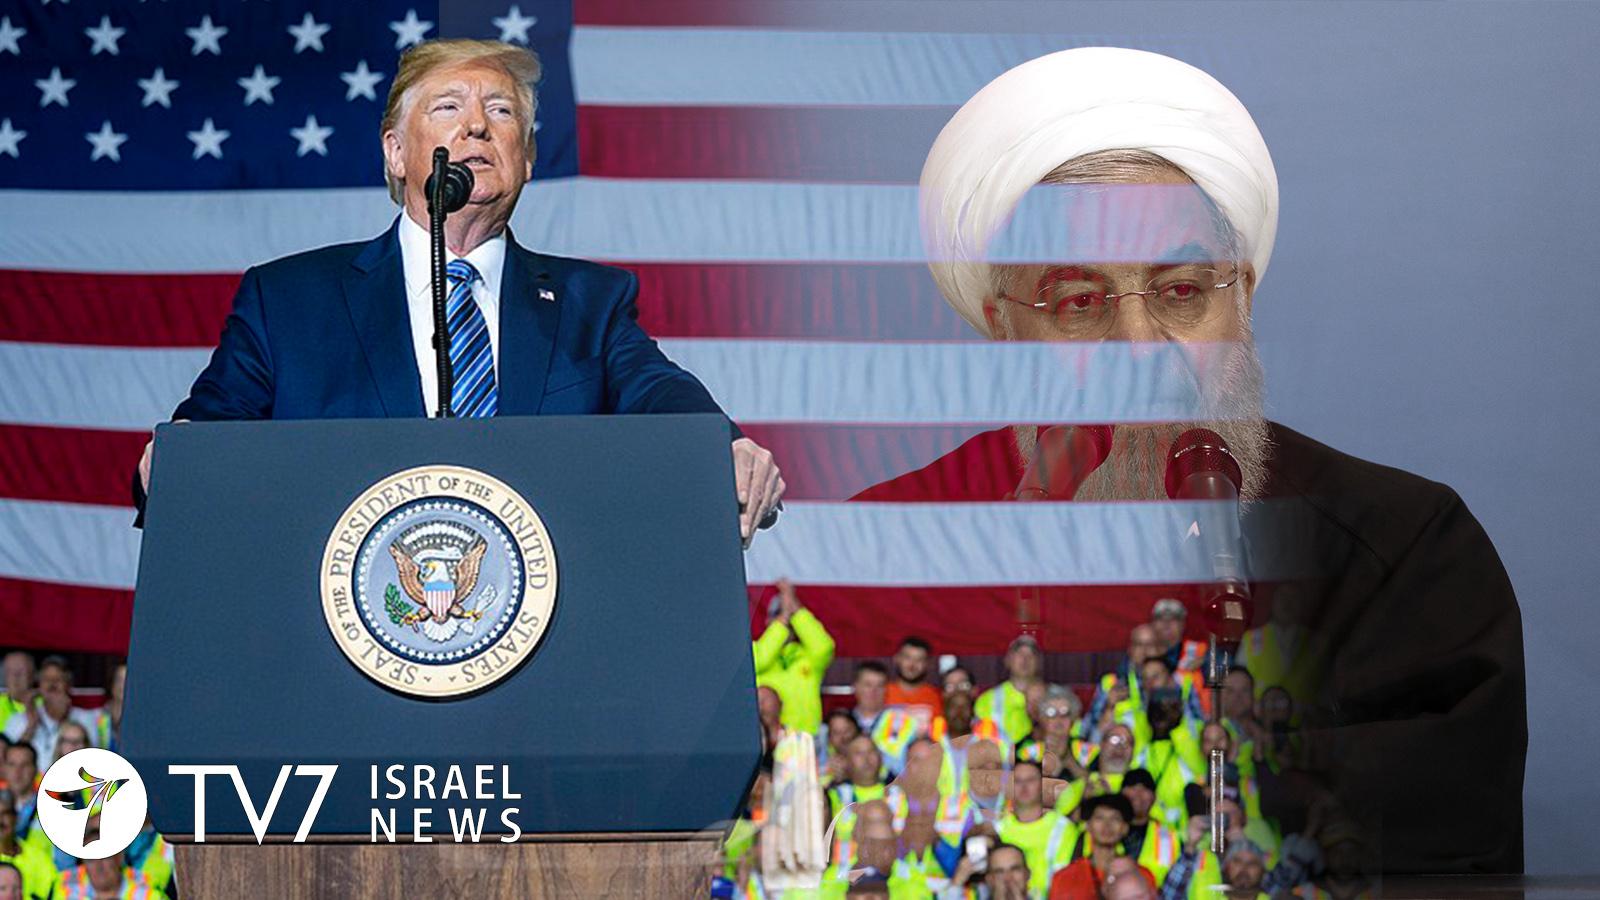 President Trump does not seek regime change in Iran_reuters